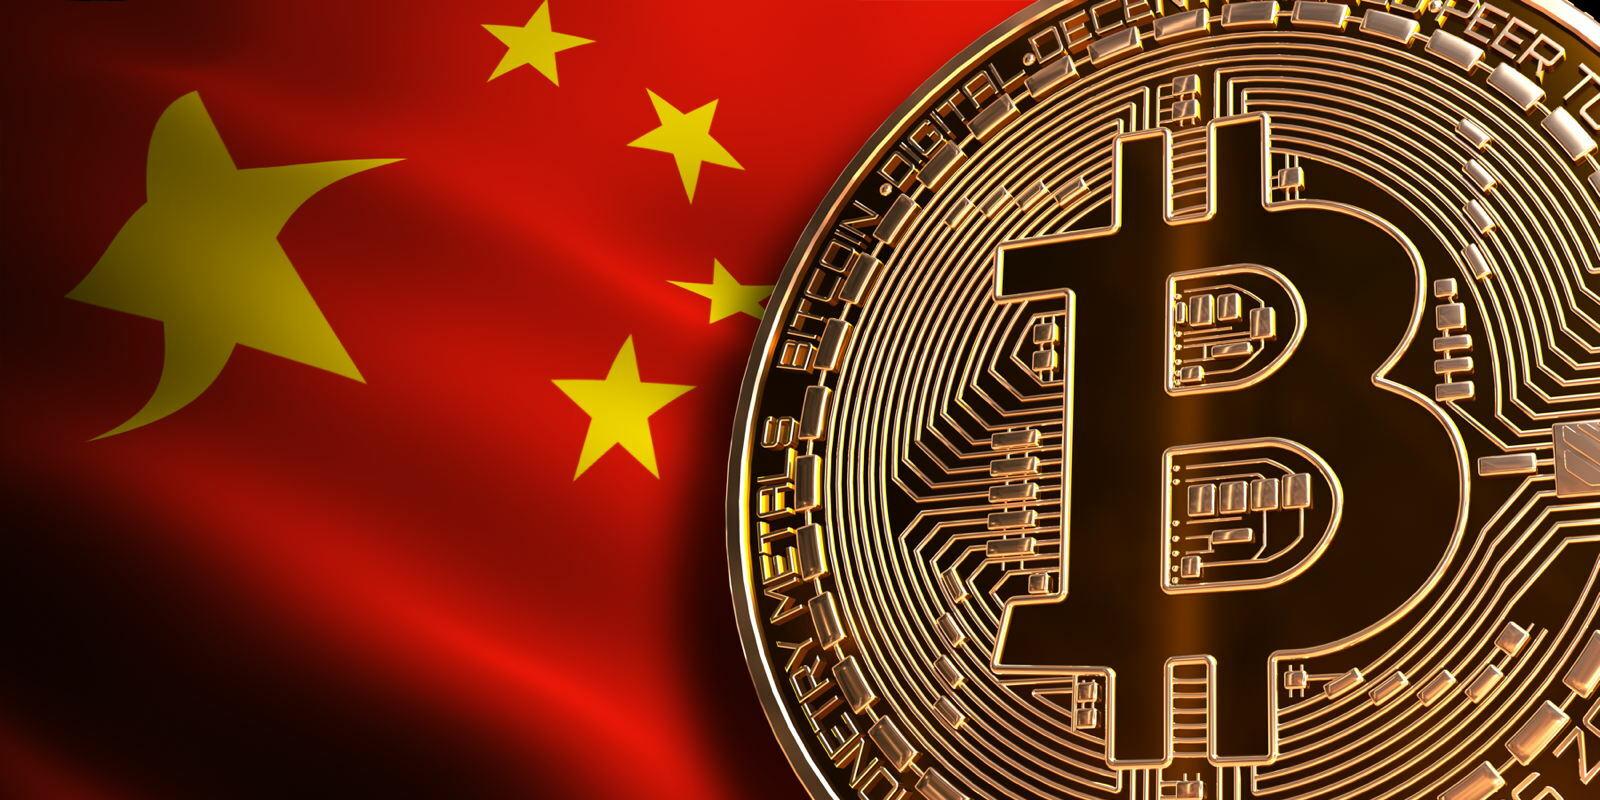 Chine : un examen préparatoire interroge les élèves sur le mining de Bitcoin